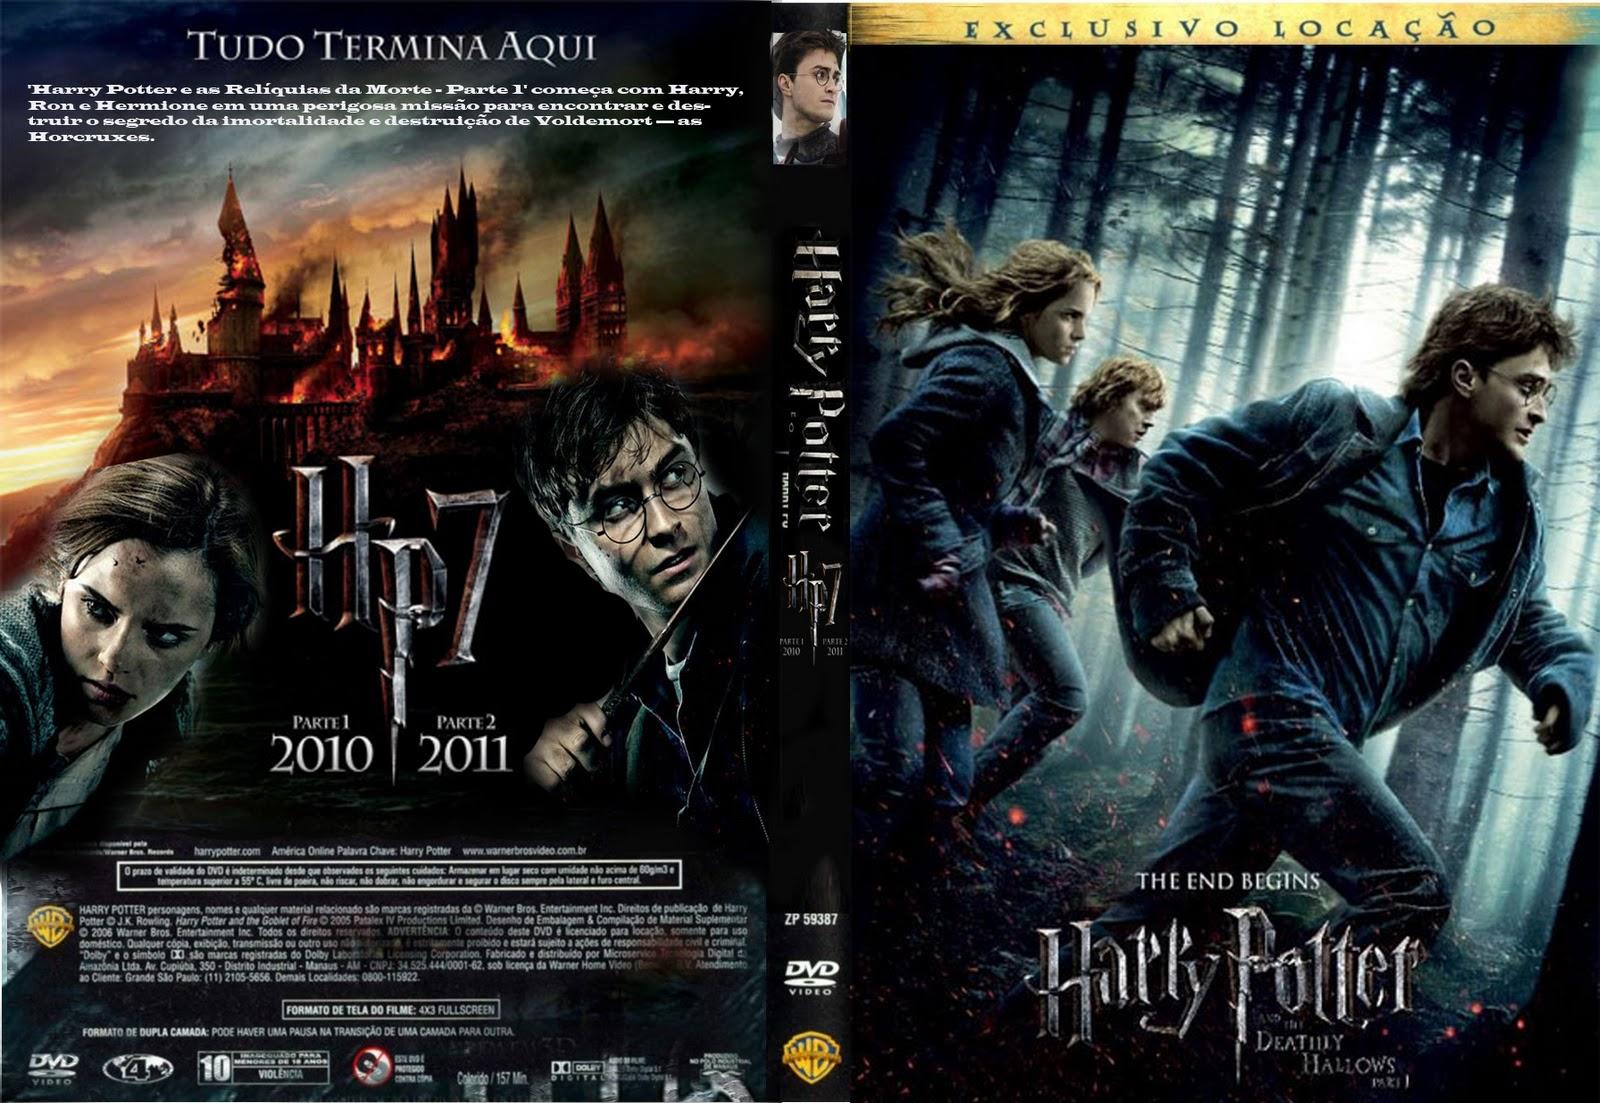 http://2.bp.blogspot.com/_VEGy5cOQ71I/TL2Q3_oH4SI/AAAAAAAADCc/XPsAf4gO5IE/s1600/Harry+Potter+e+as+Rel%C3%ADquias+da+Morte+-+Parte+1.jpg